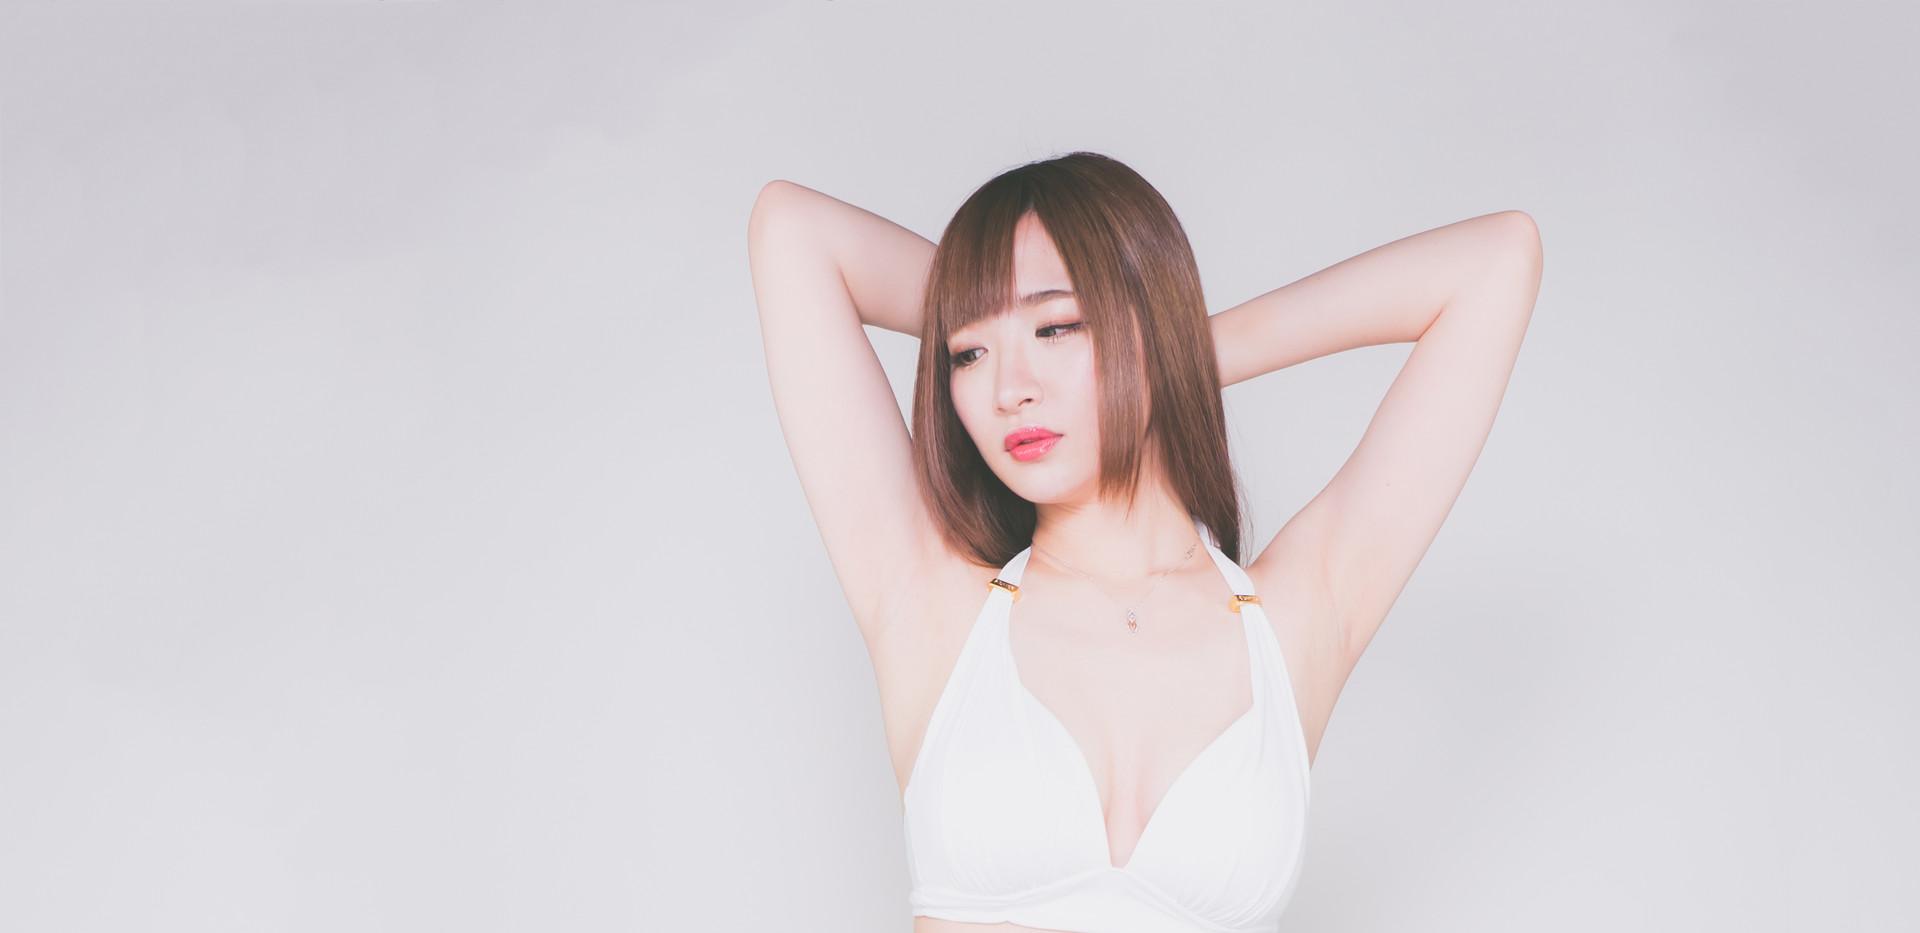 satsuki-promo-02r.jpg